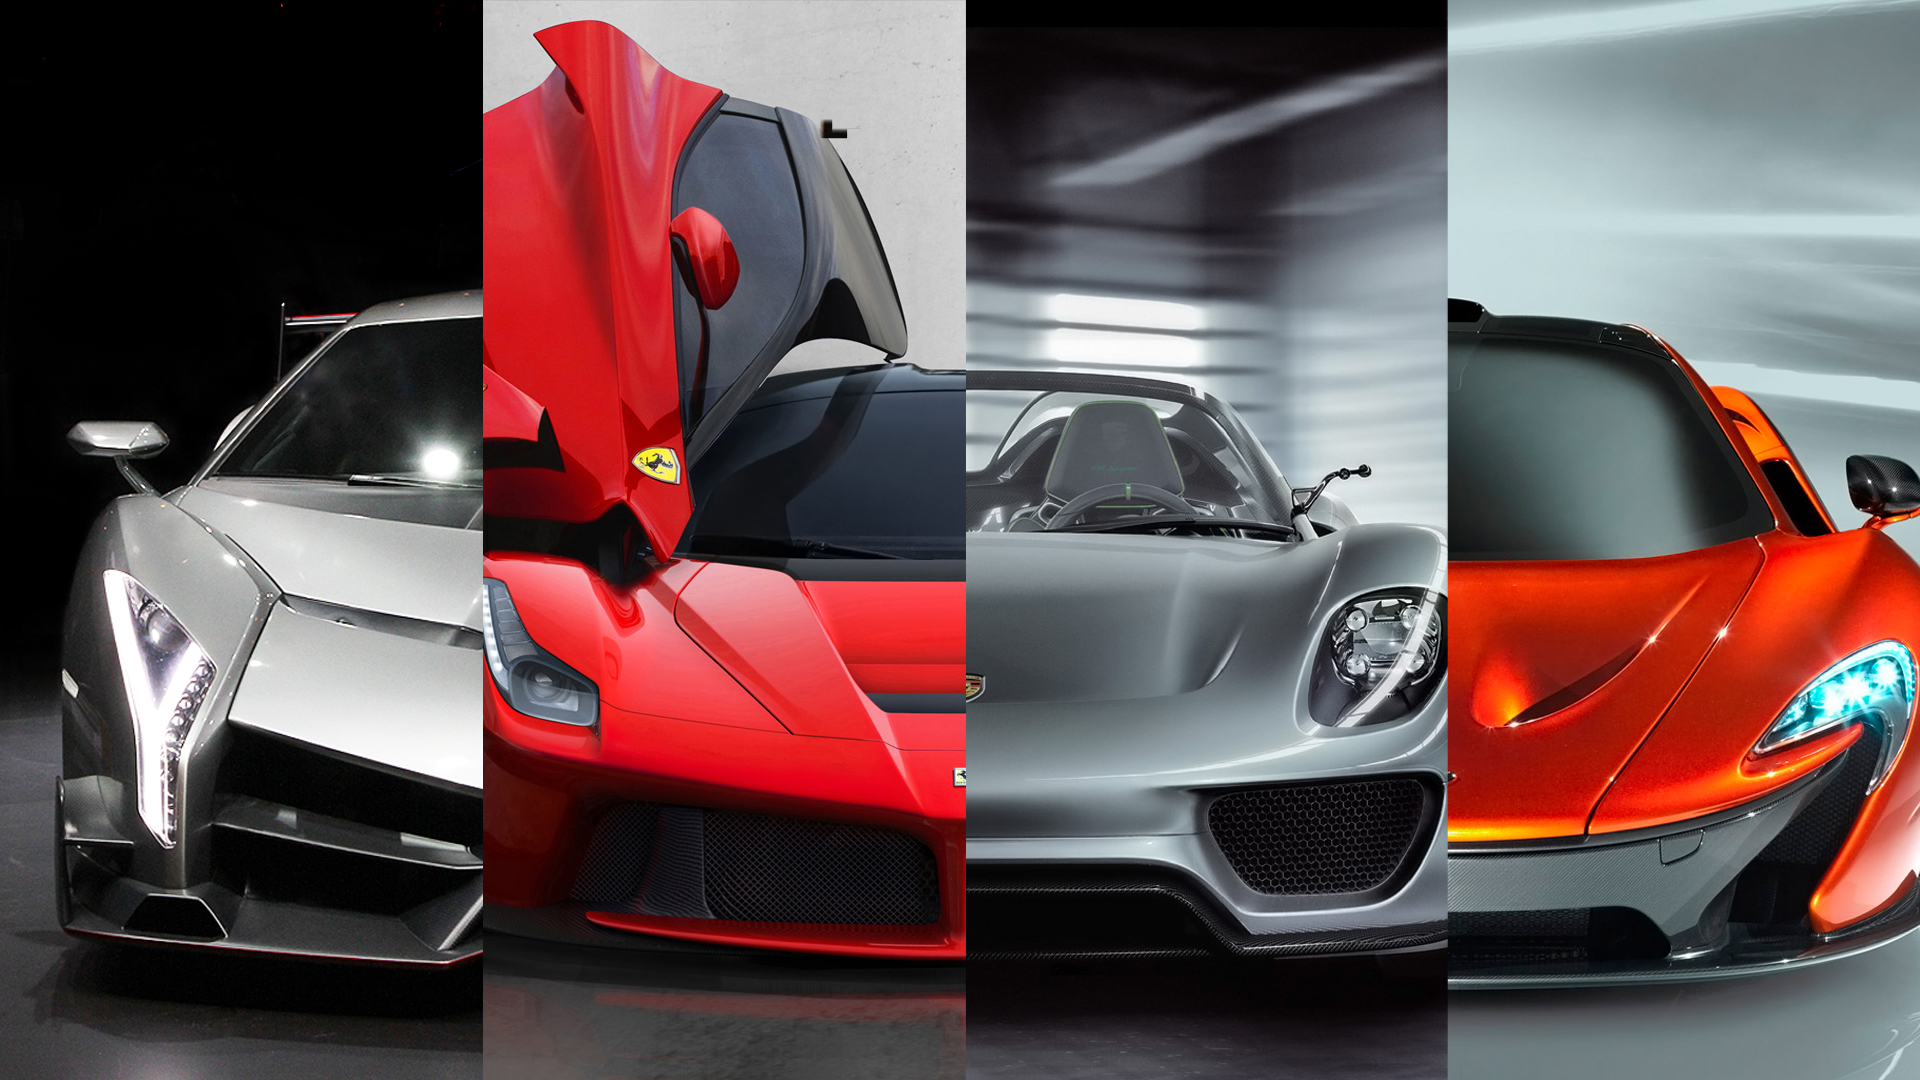 Mclaren P1 Vs Laferrari Vs Porsche 918 on la ferrari vs corvette, la ferrari vs koenigsegg, la ferrari vs bugatti, la ferrari vs mustang,